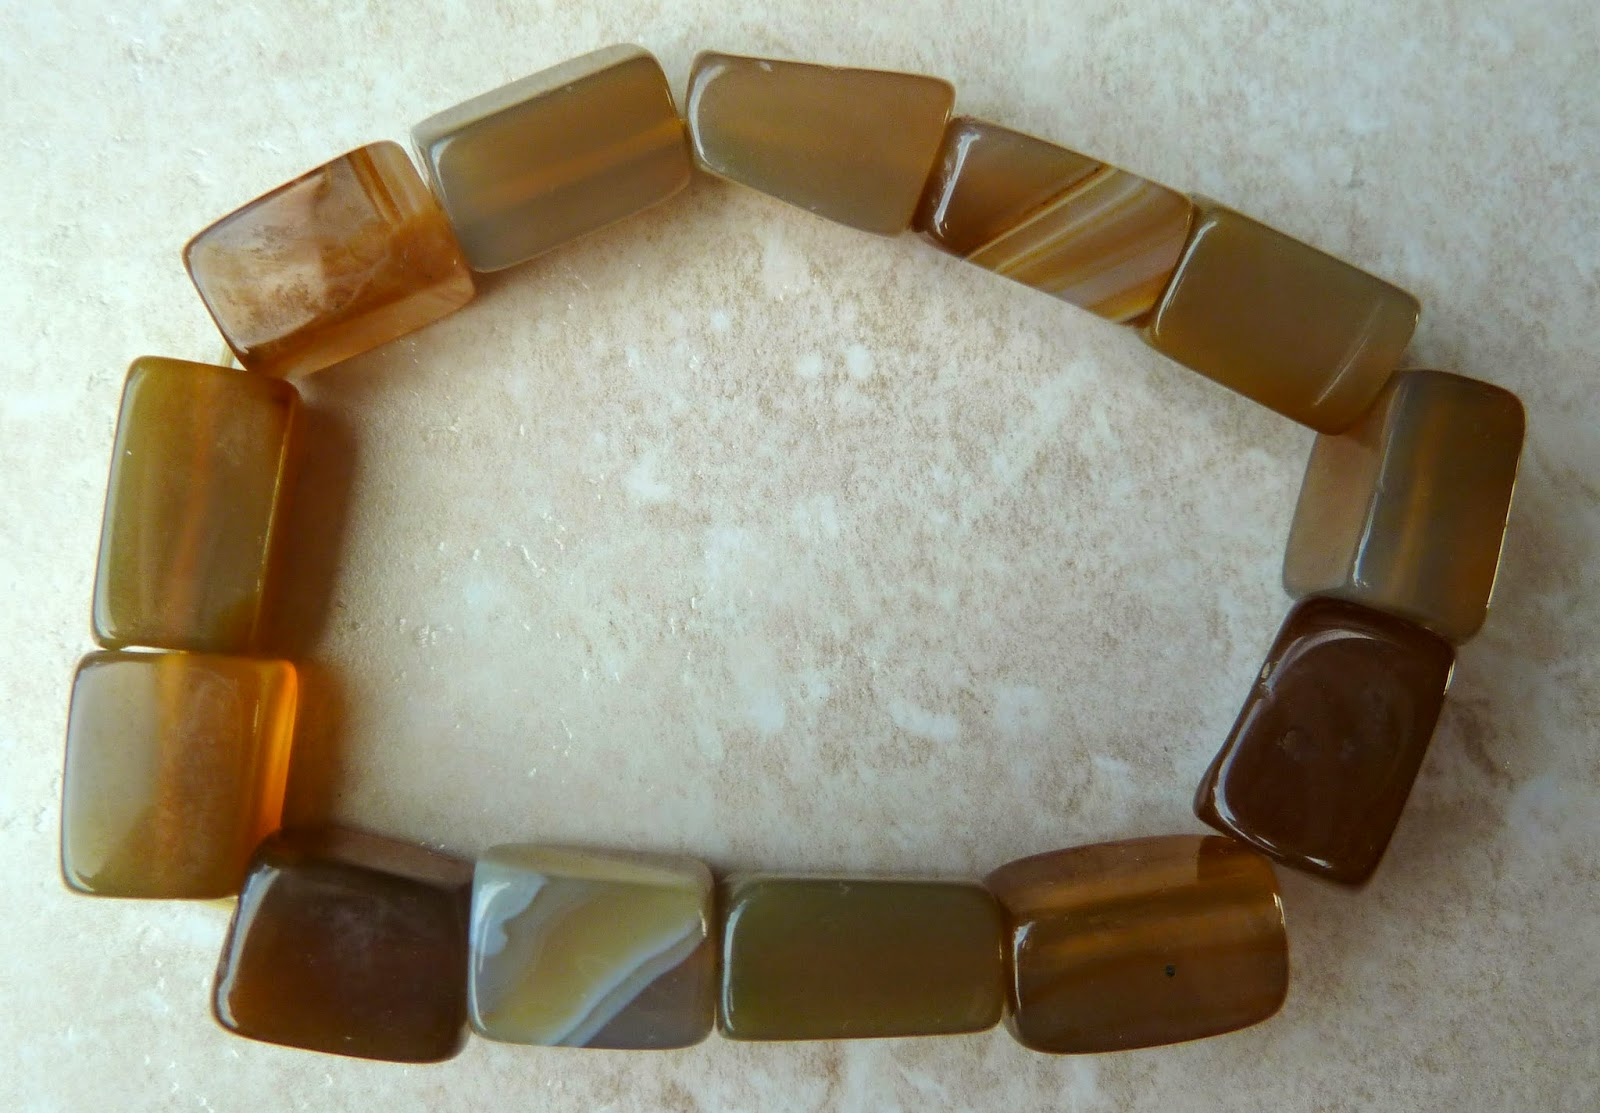 http://www.kcavintagegems.uk/carnelian-stone-stretch-bracelet-372-p.asp